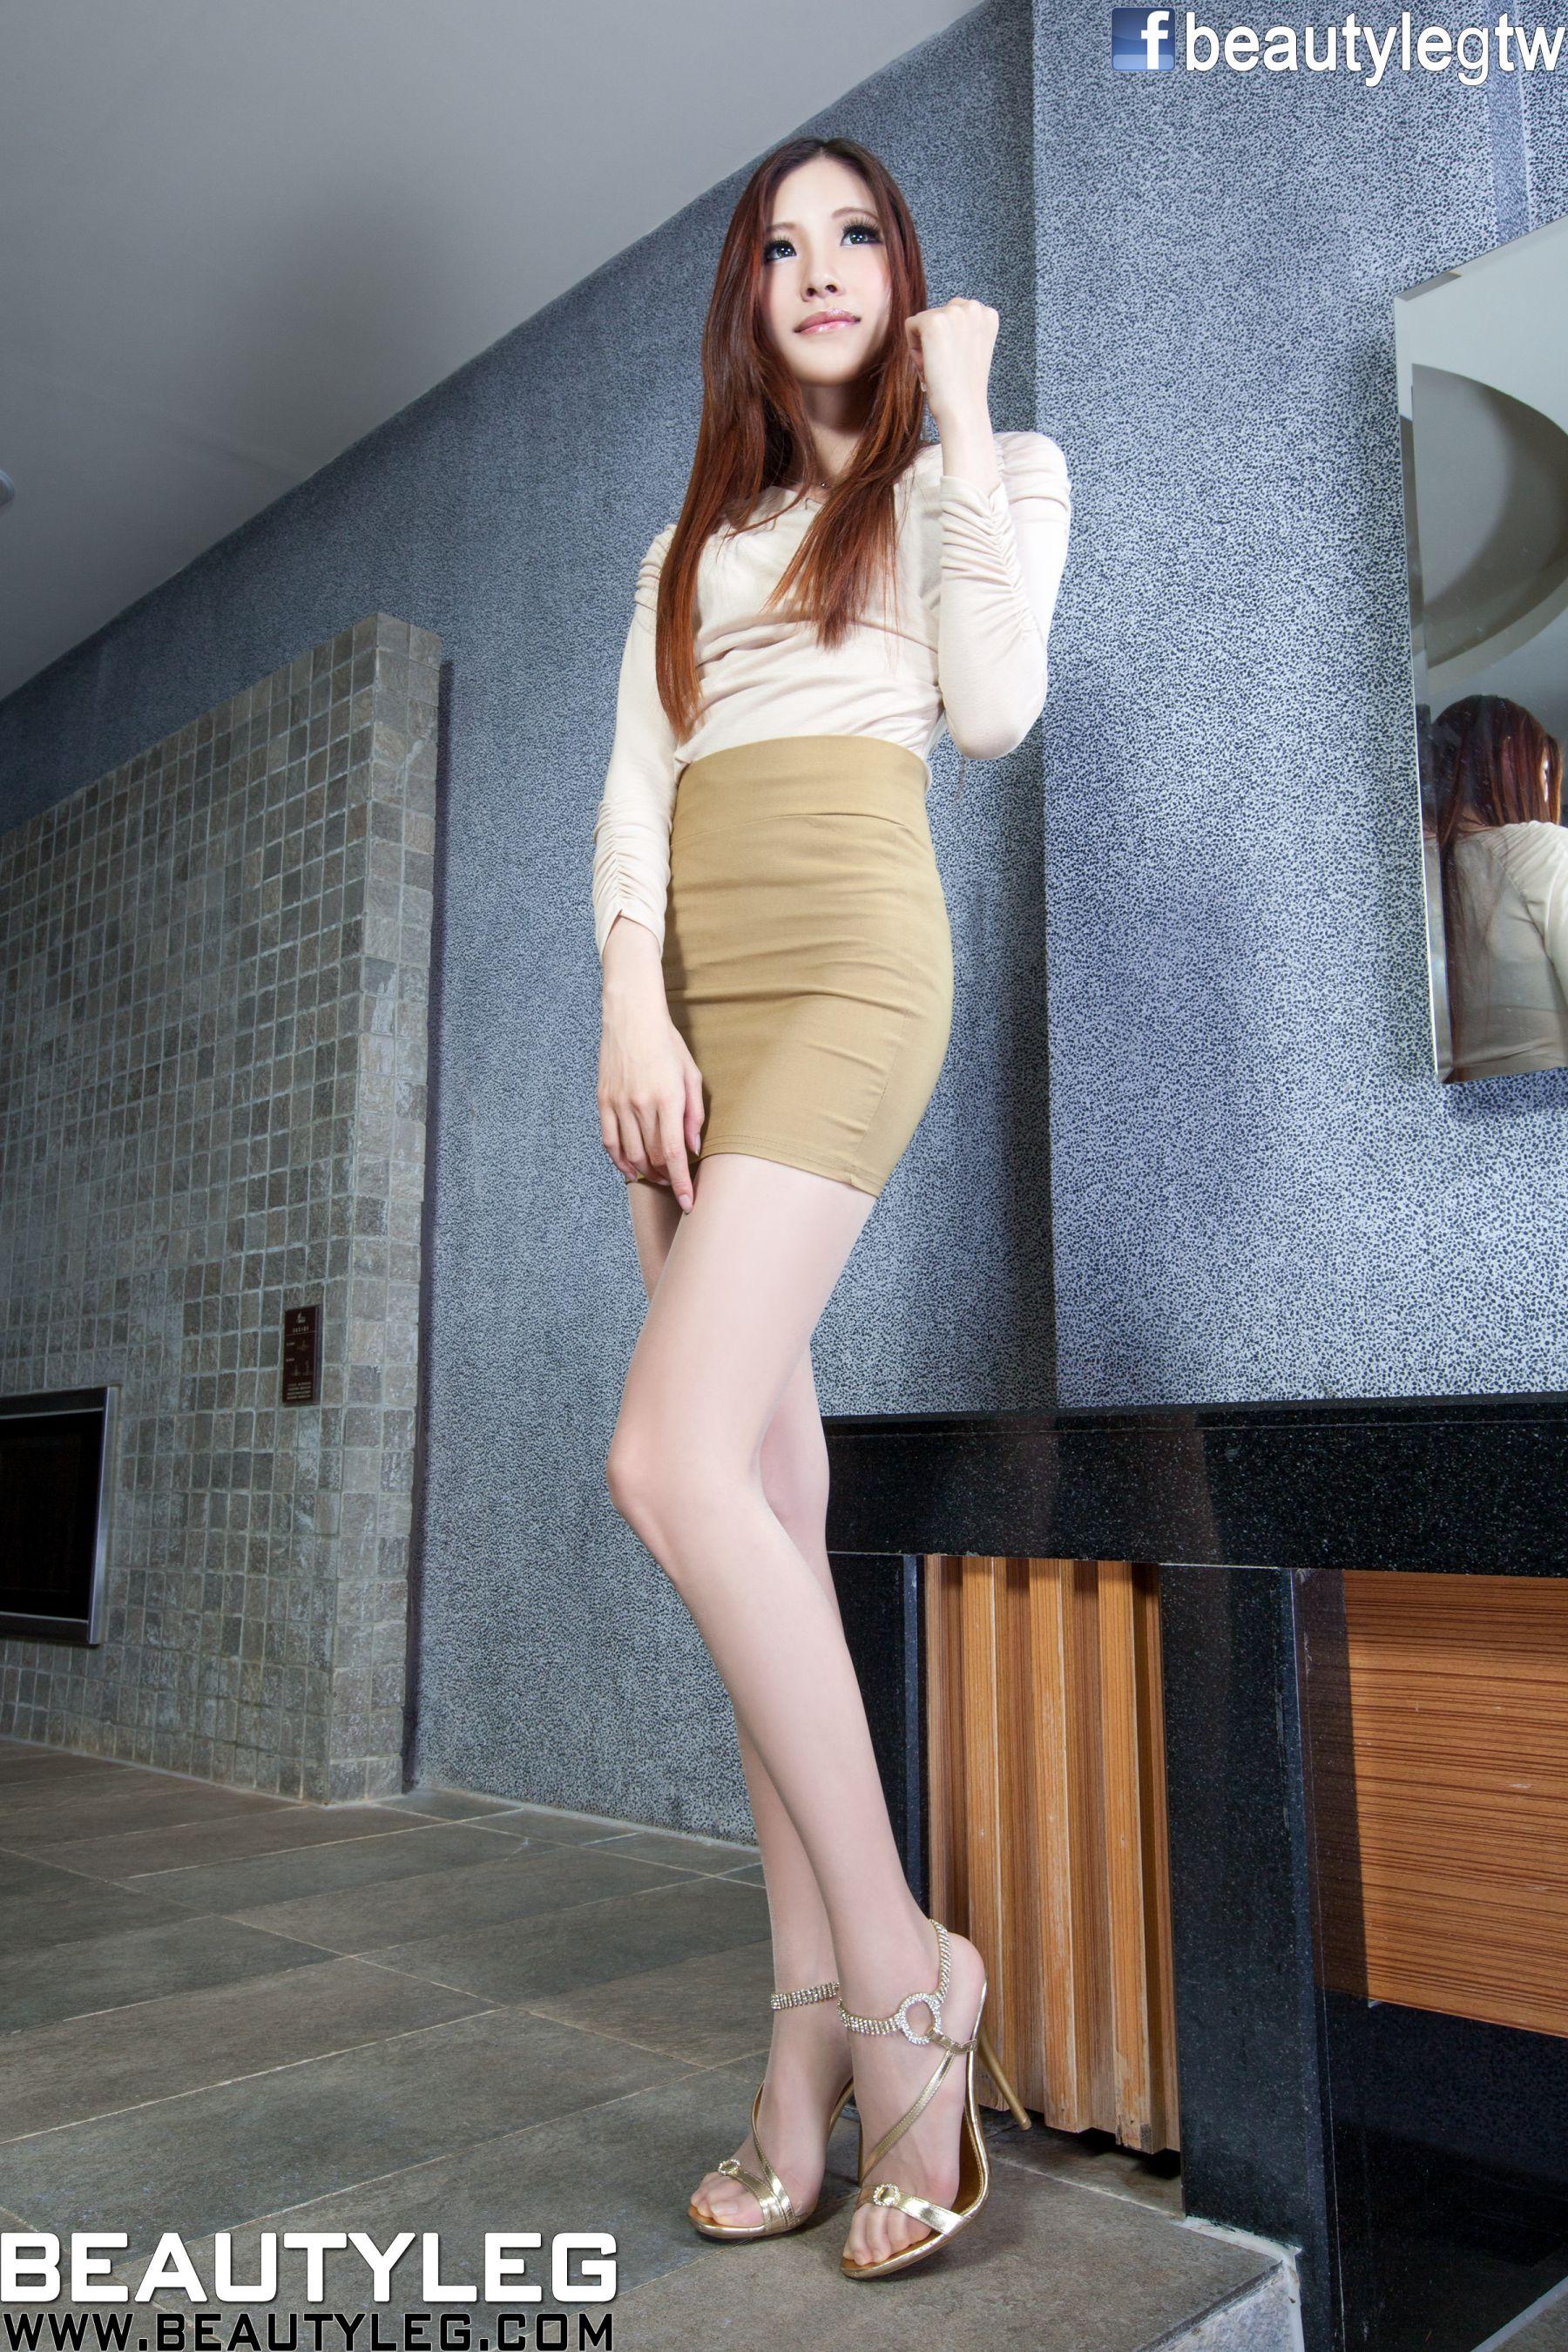 VOL.1844 [Beautyleg]美腿:陈玉雪(腿模Abby)高品质写真套图(64P)